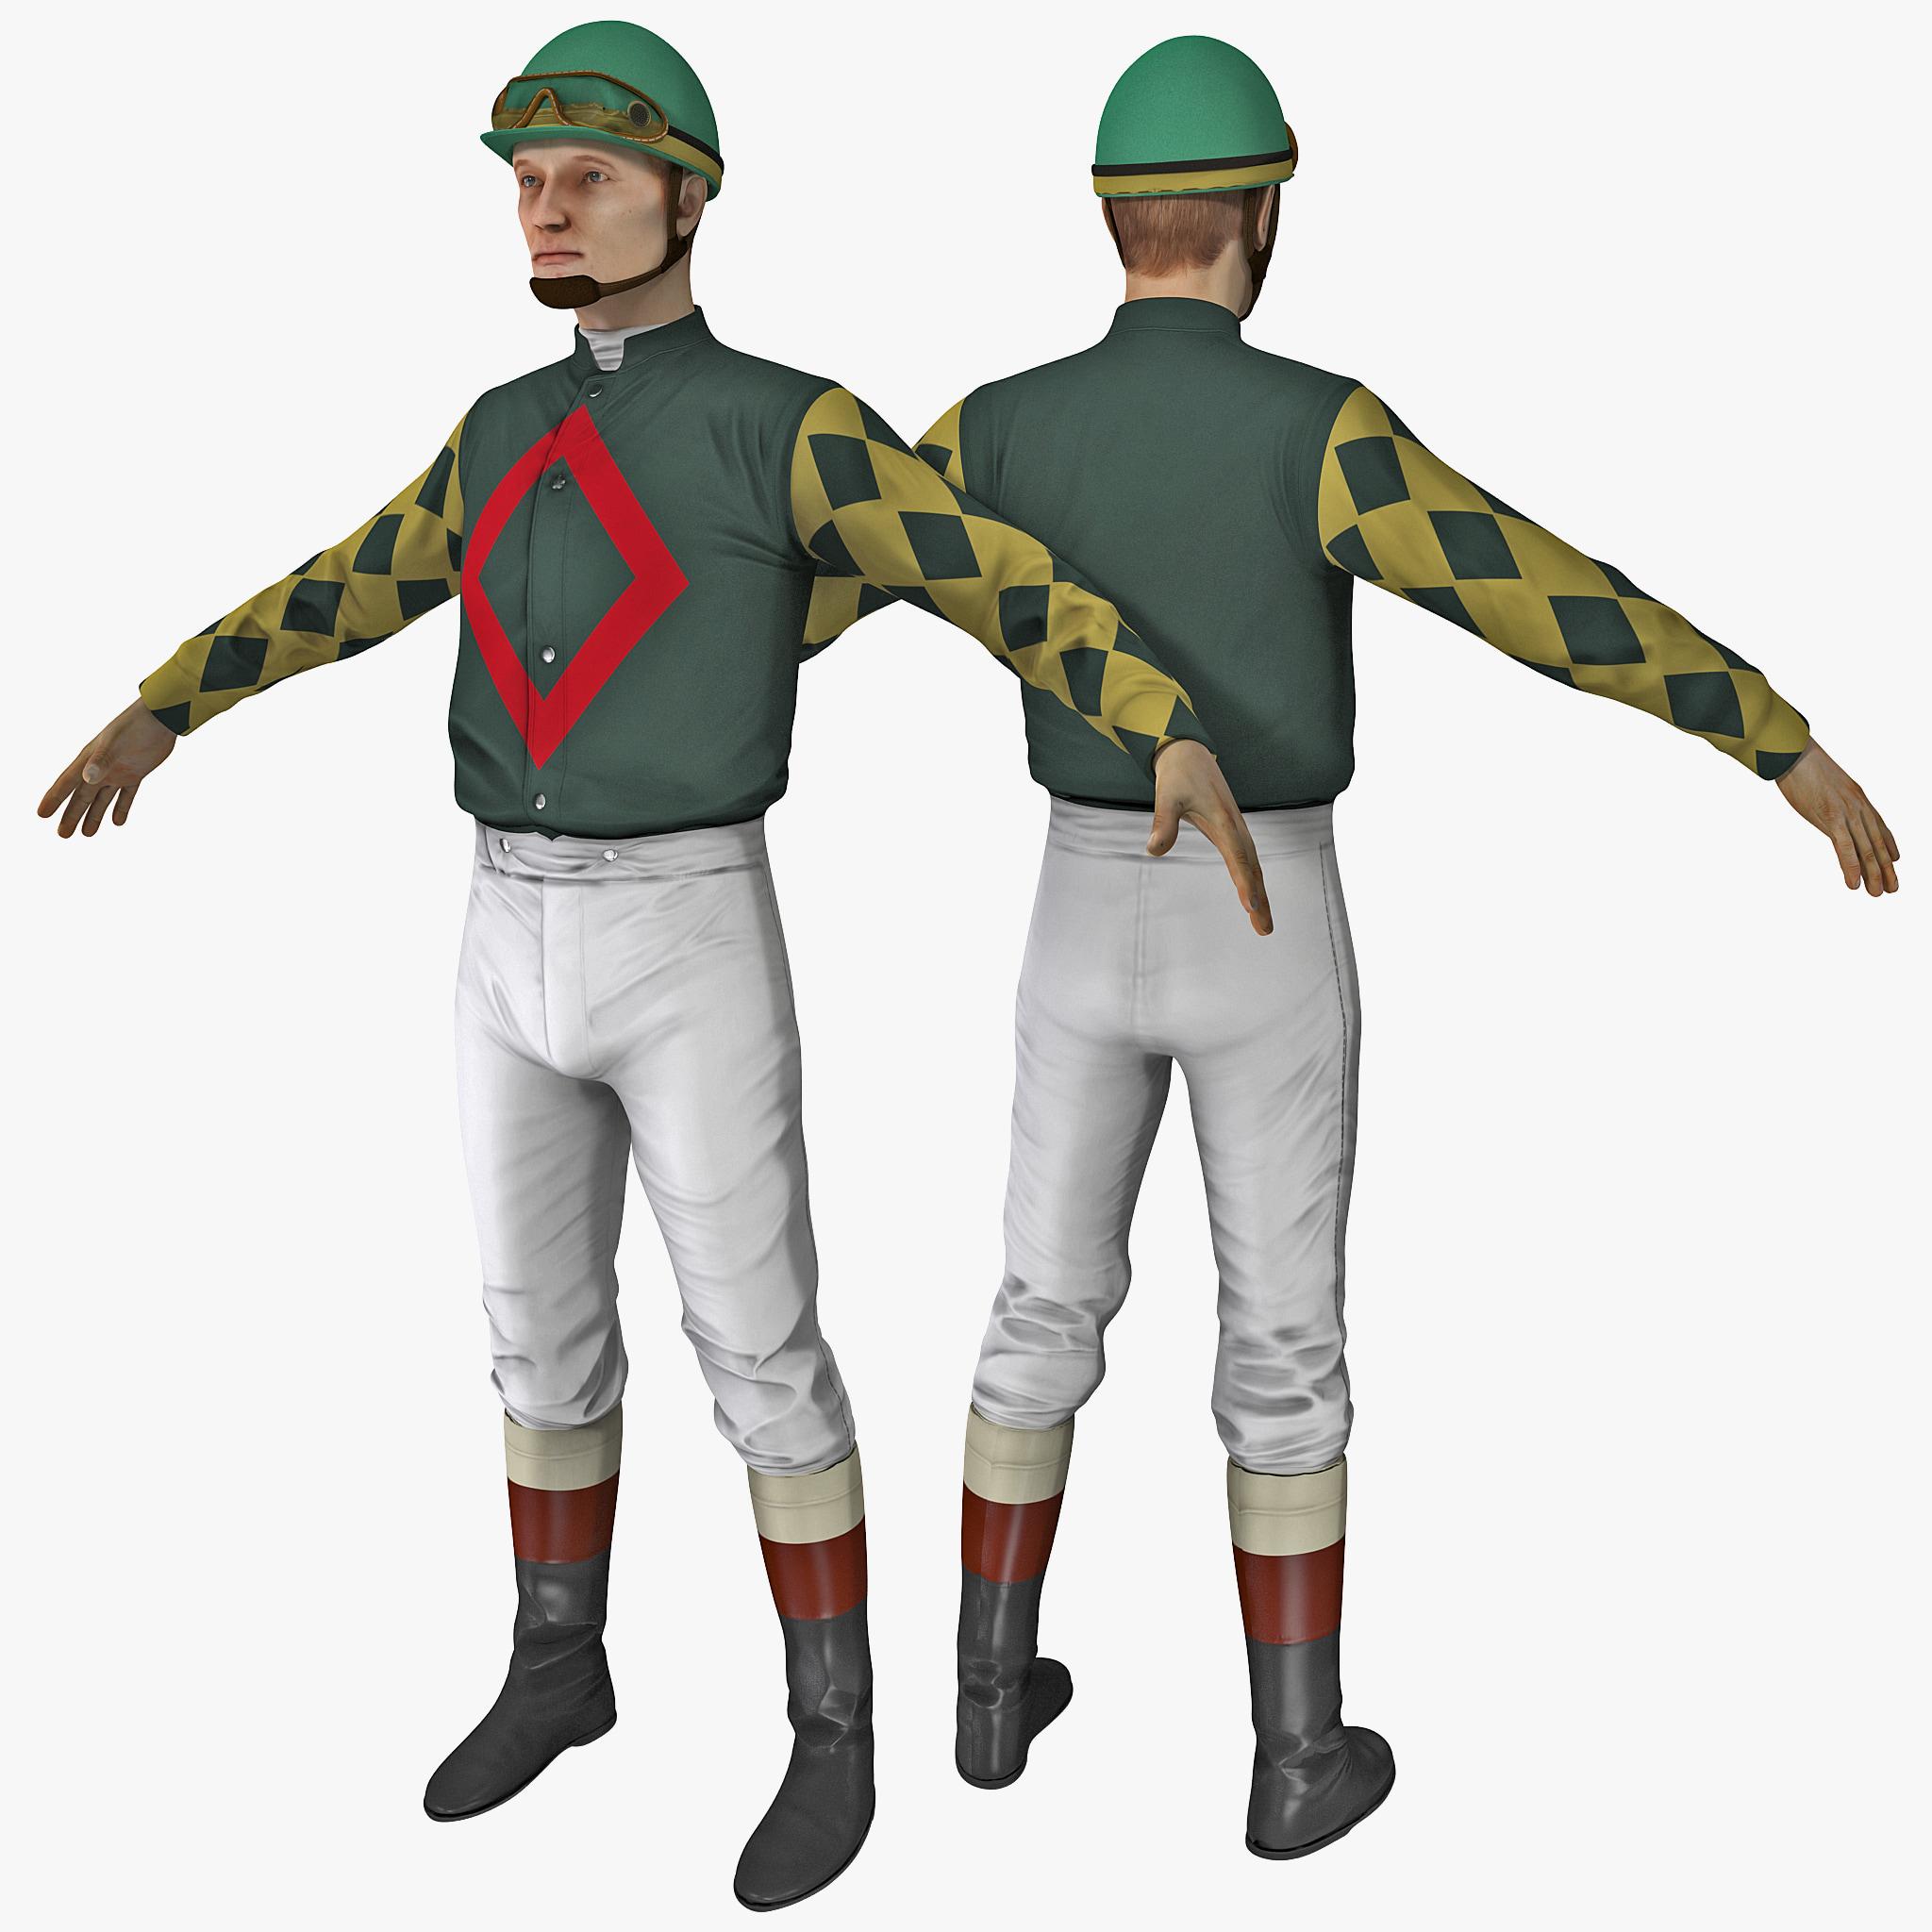 Jockey Rigged_2.jpg